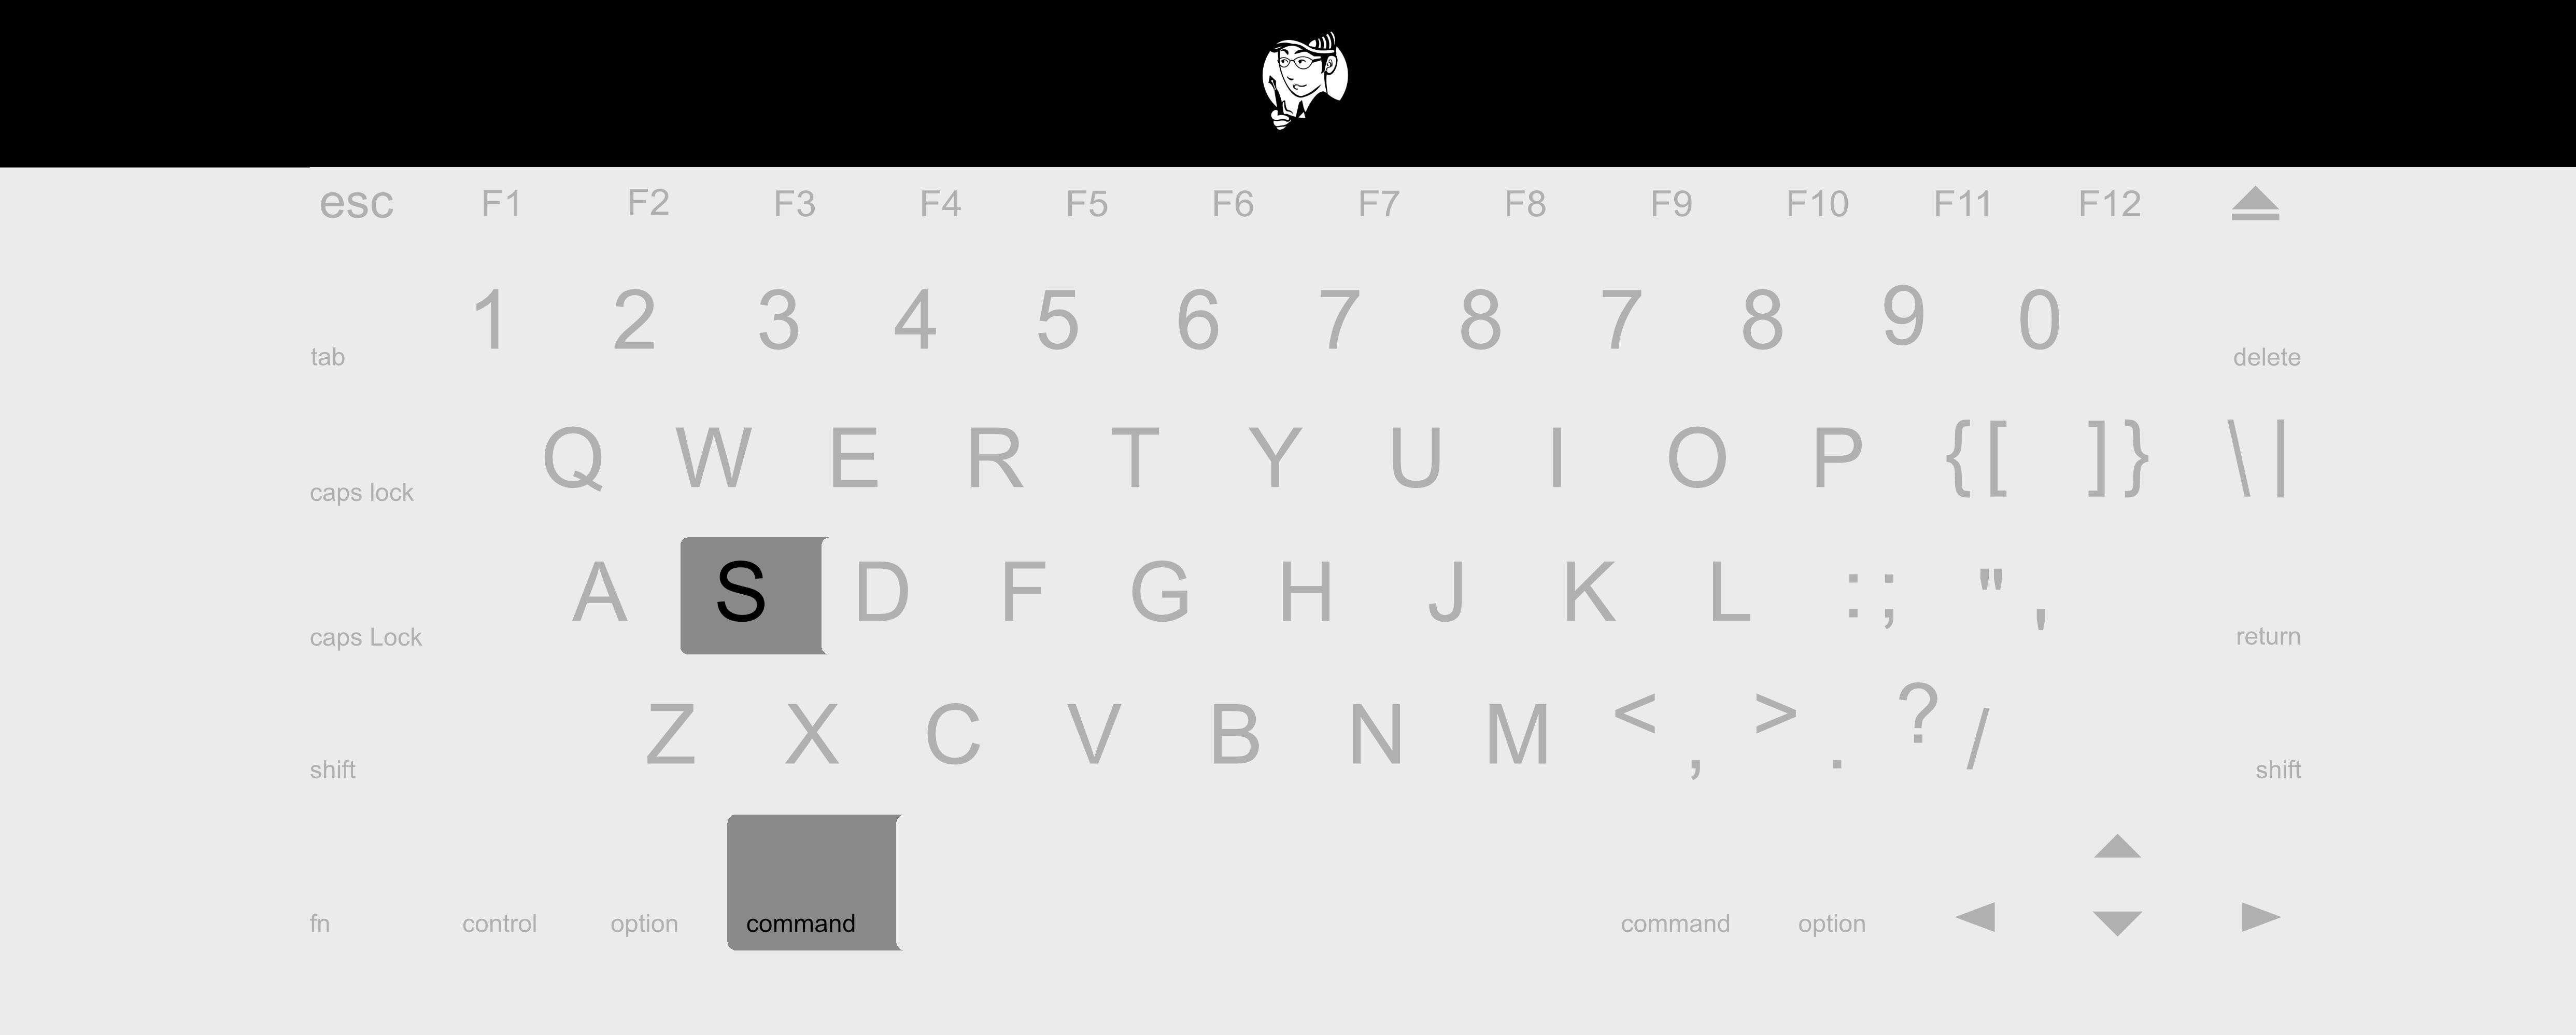 按住鍵盤上的 Command +S 即可存儲檔案